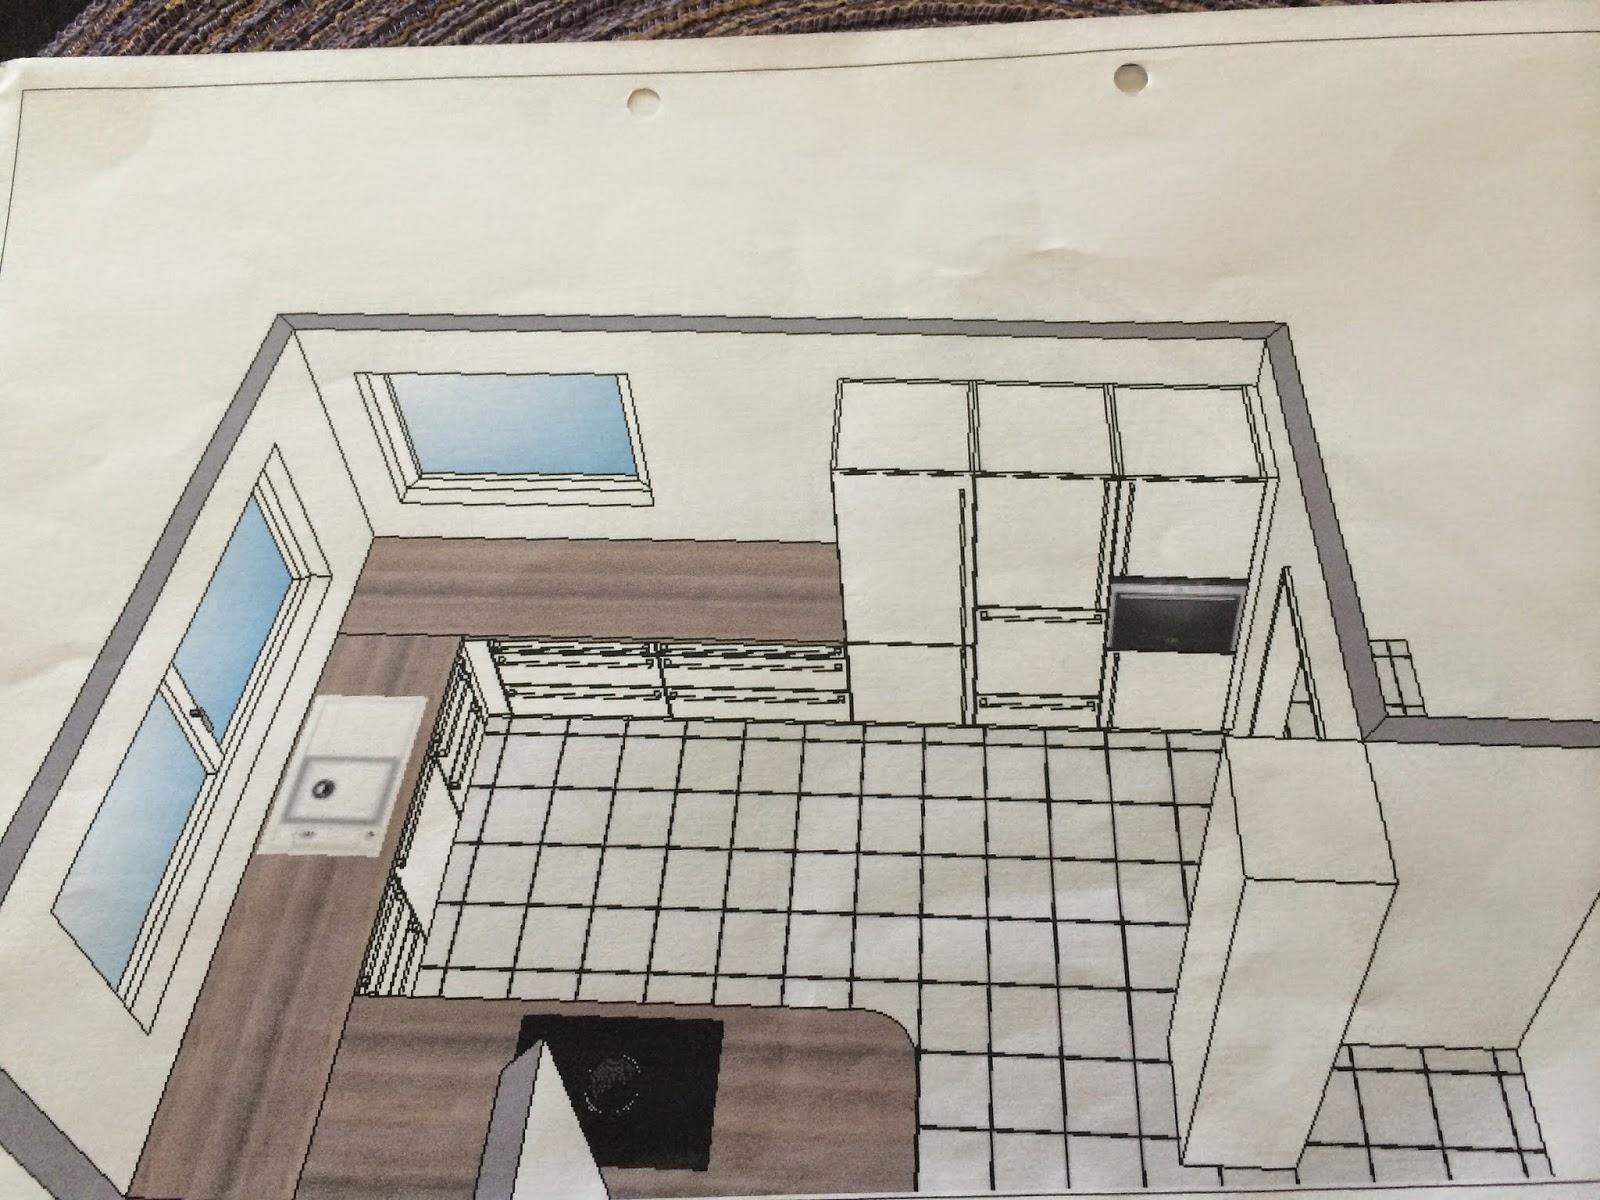 Hausbau mit Streif Küche Innentüren Galabau